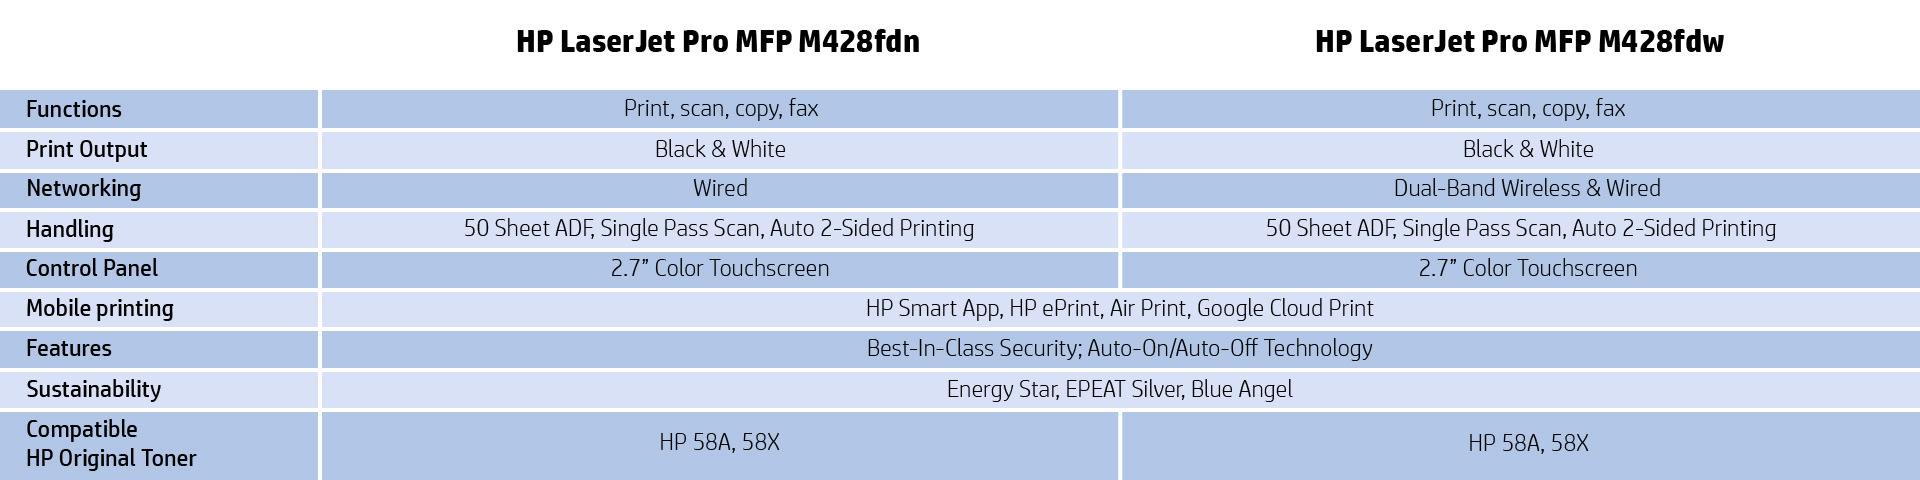 M428fdn v M428fdw